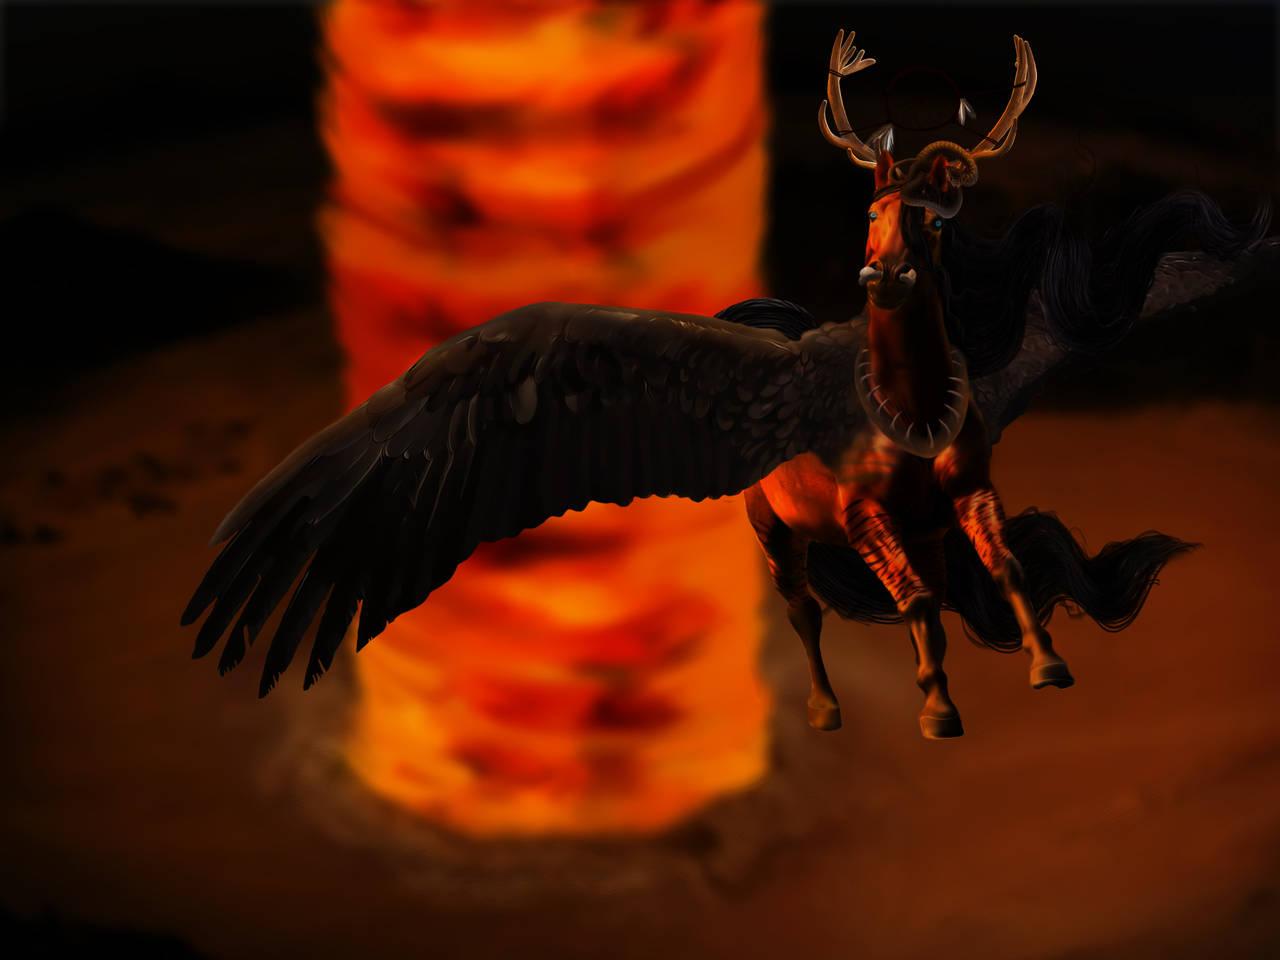 Comanche Moon by foxyfirewings